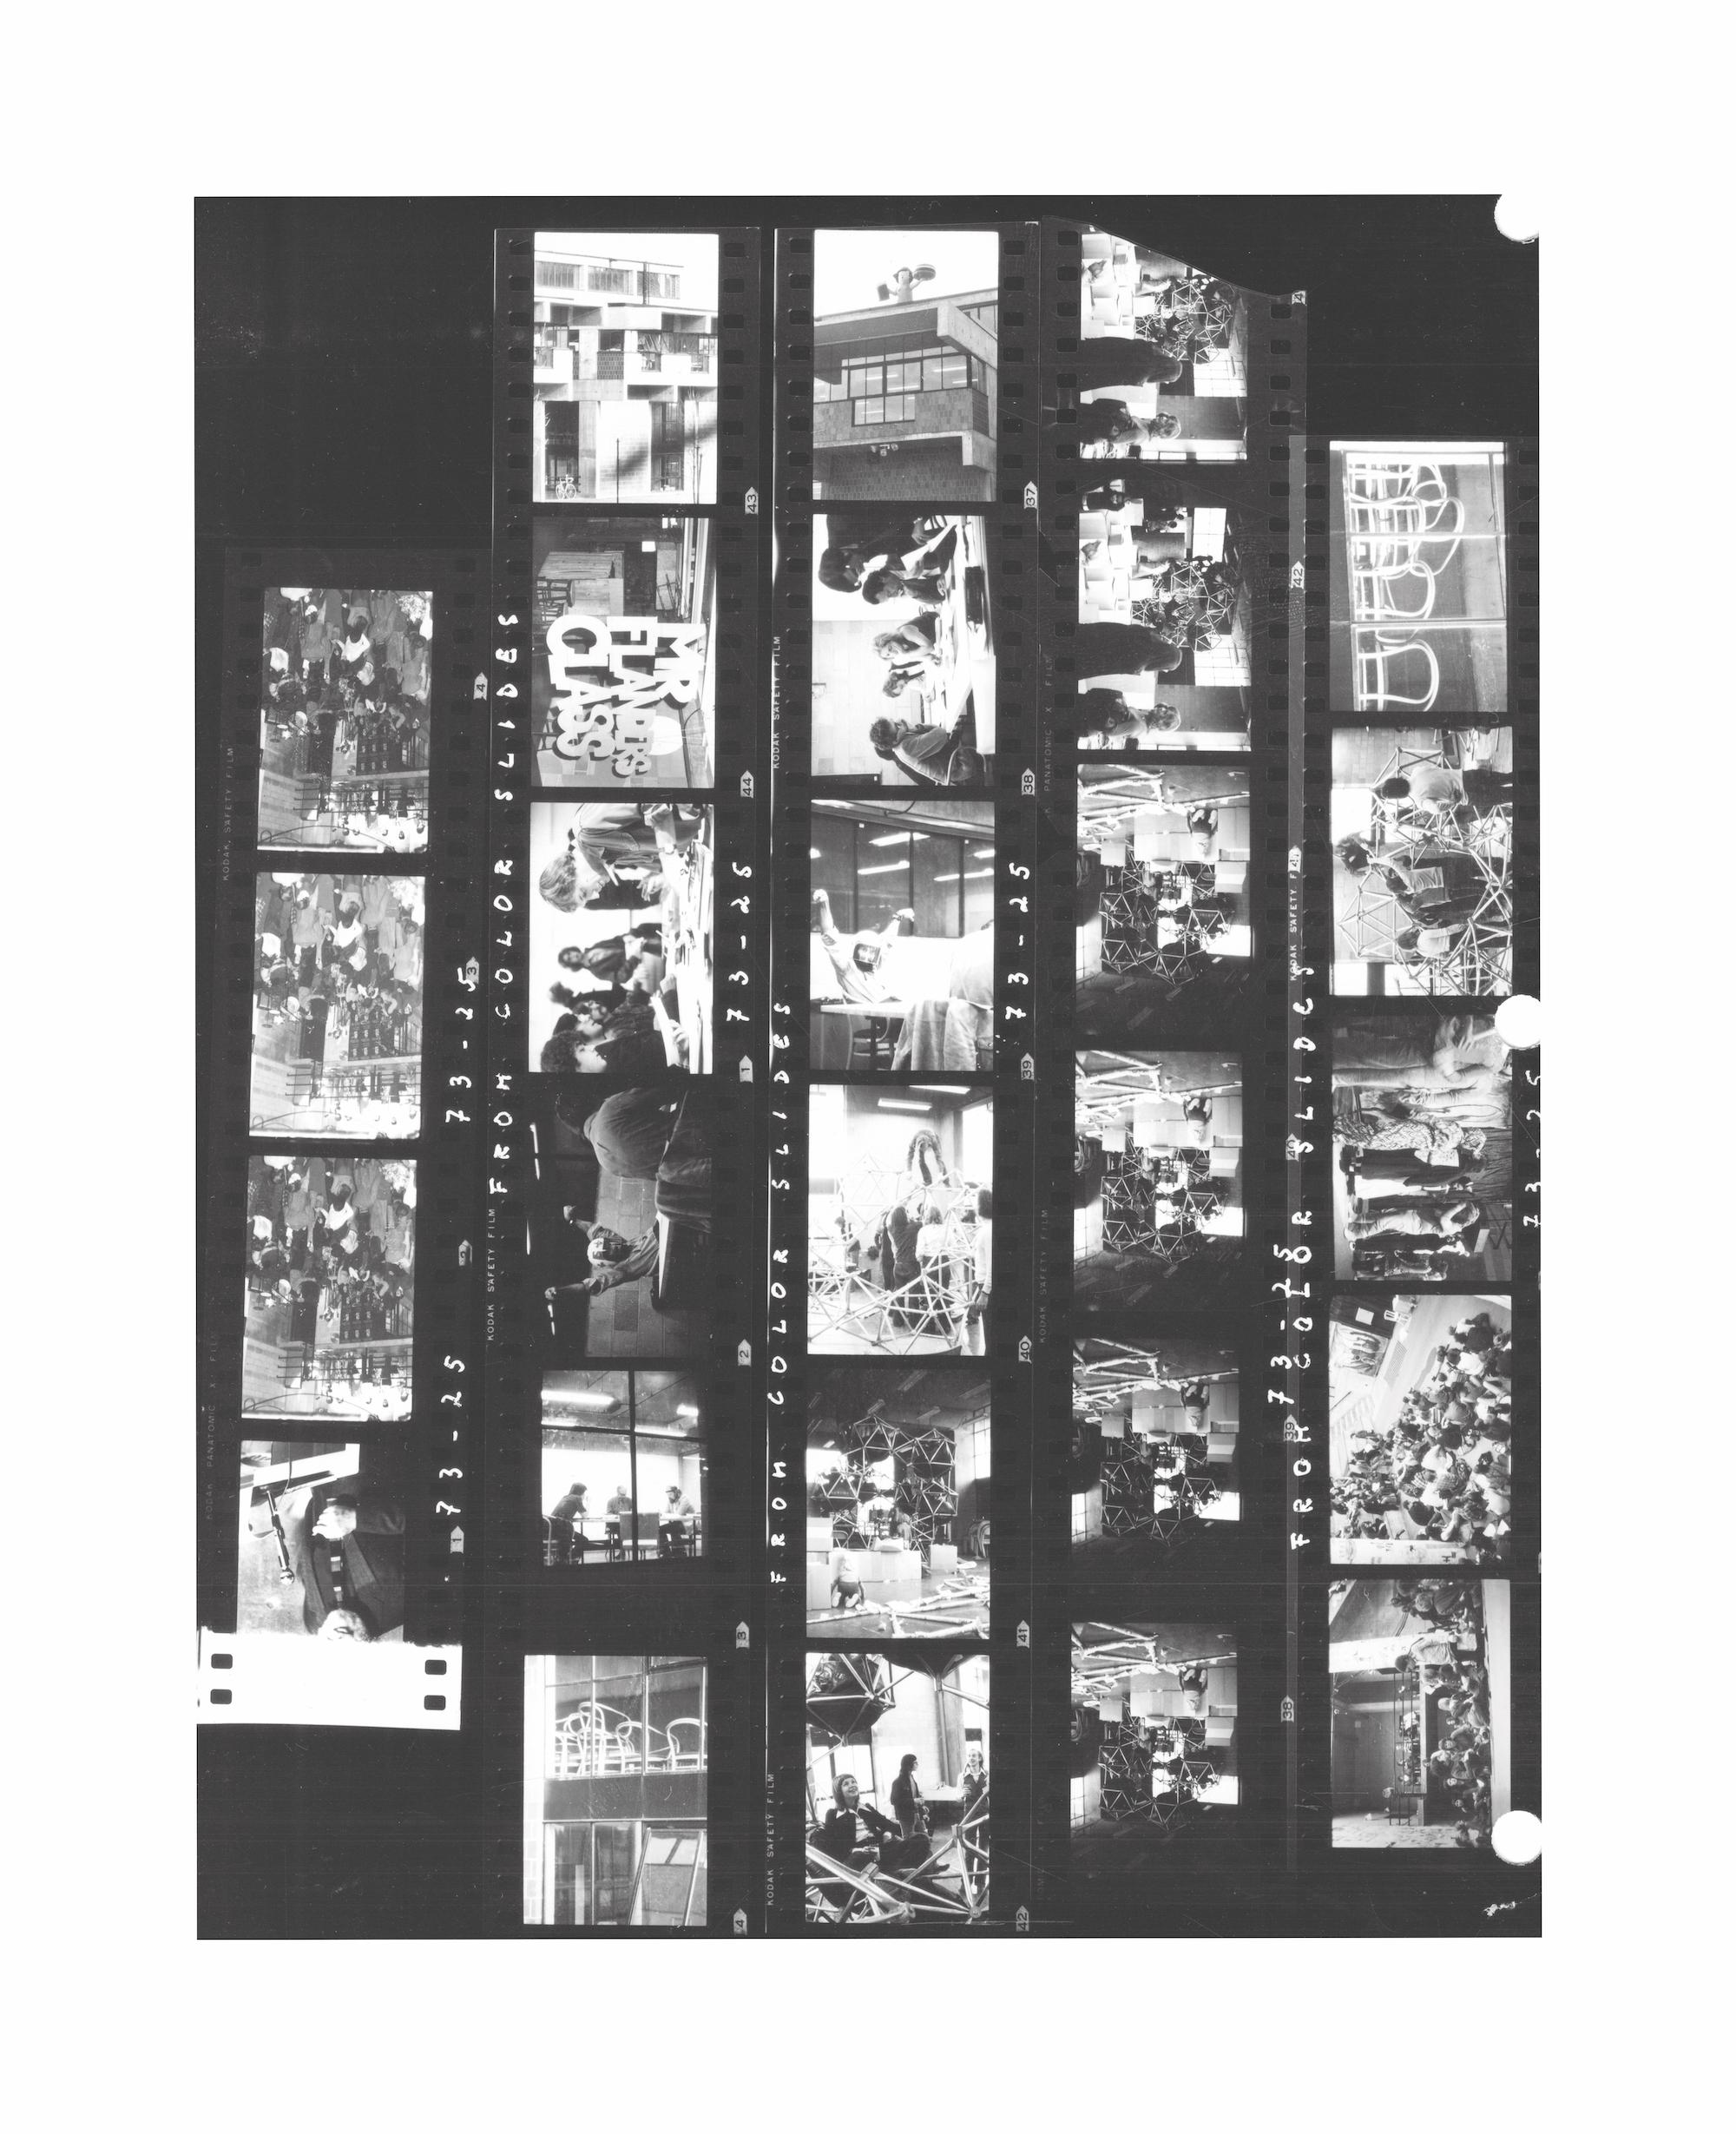 18 school 1973-75